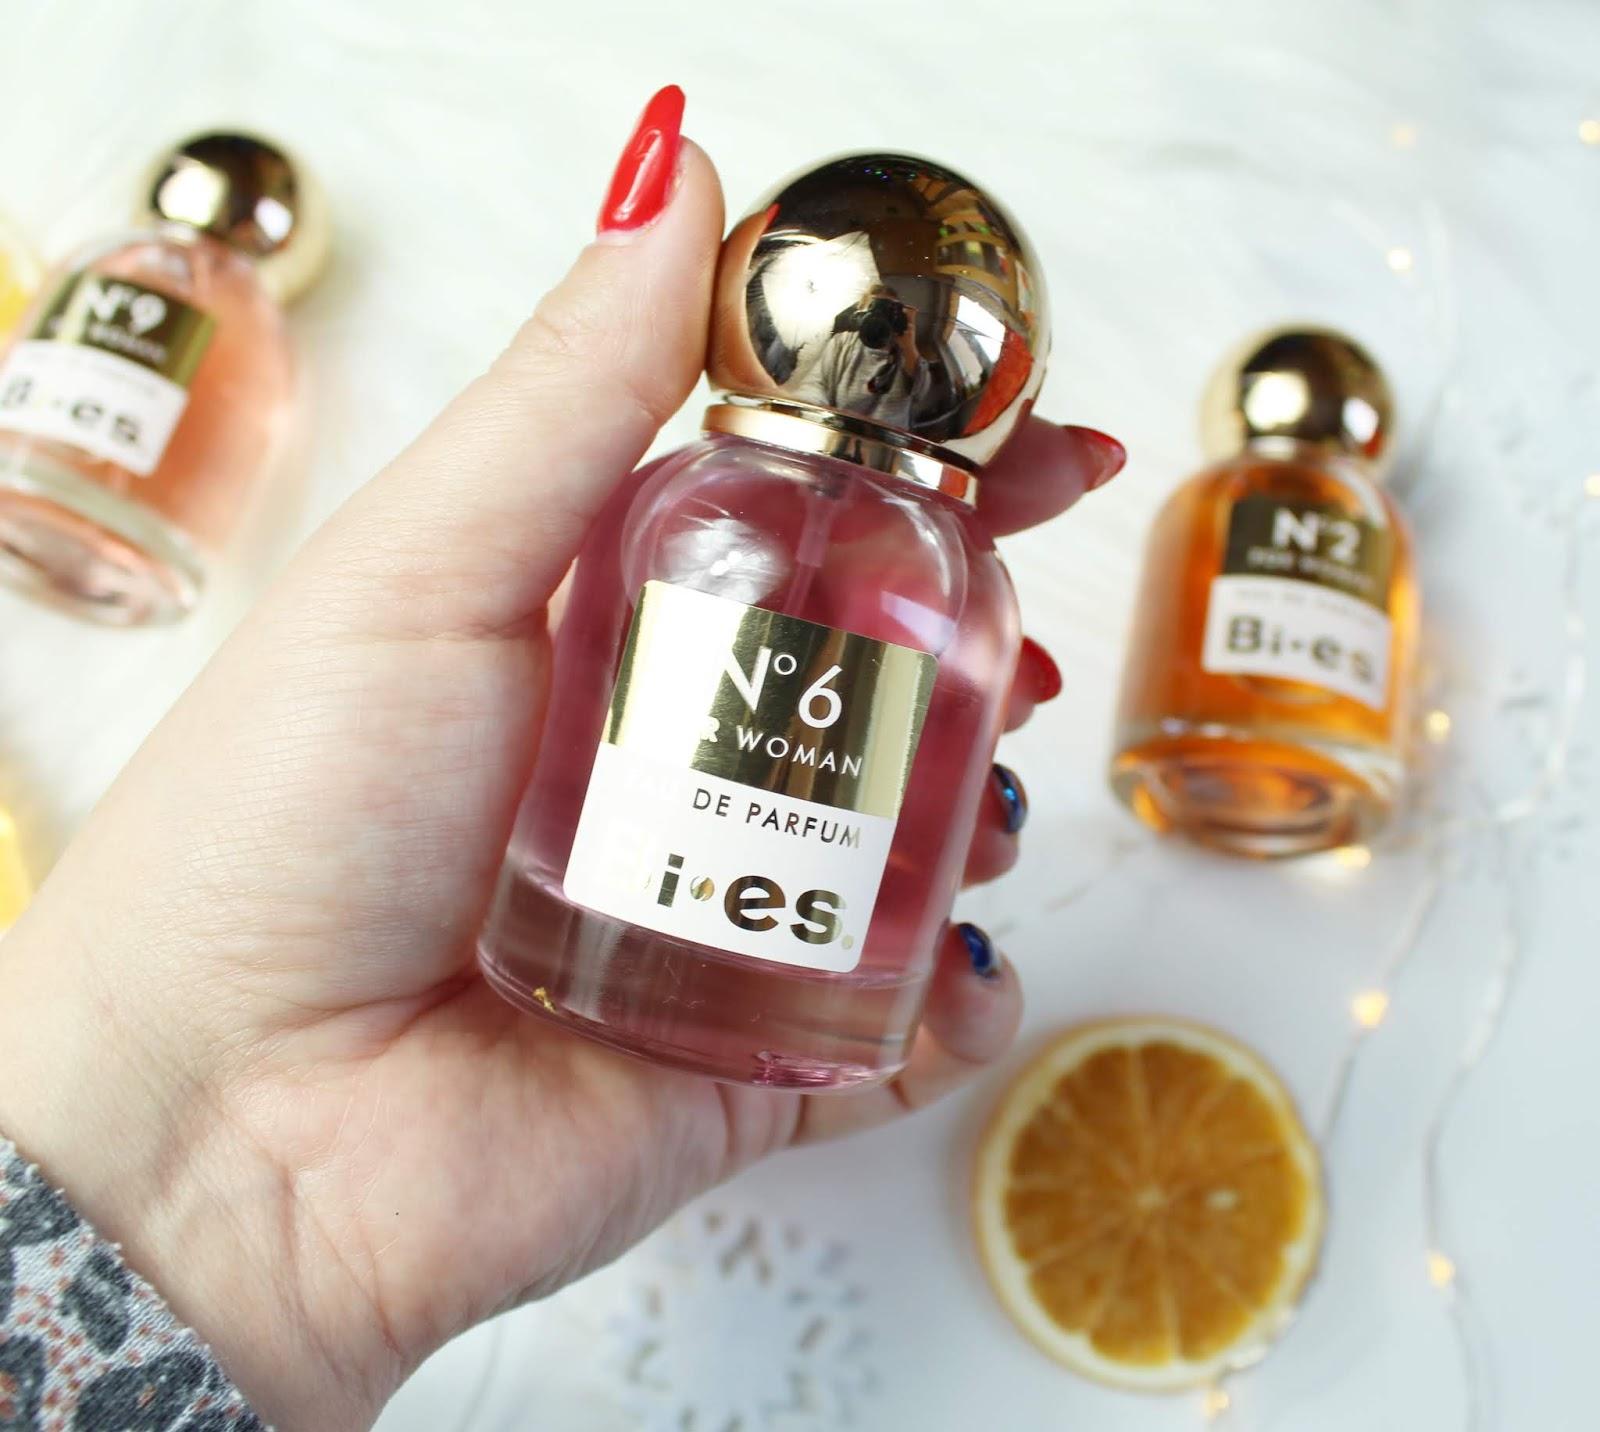 Bi-es No 6 perfumy